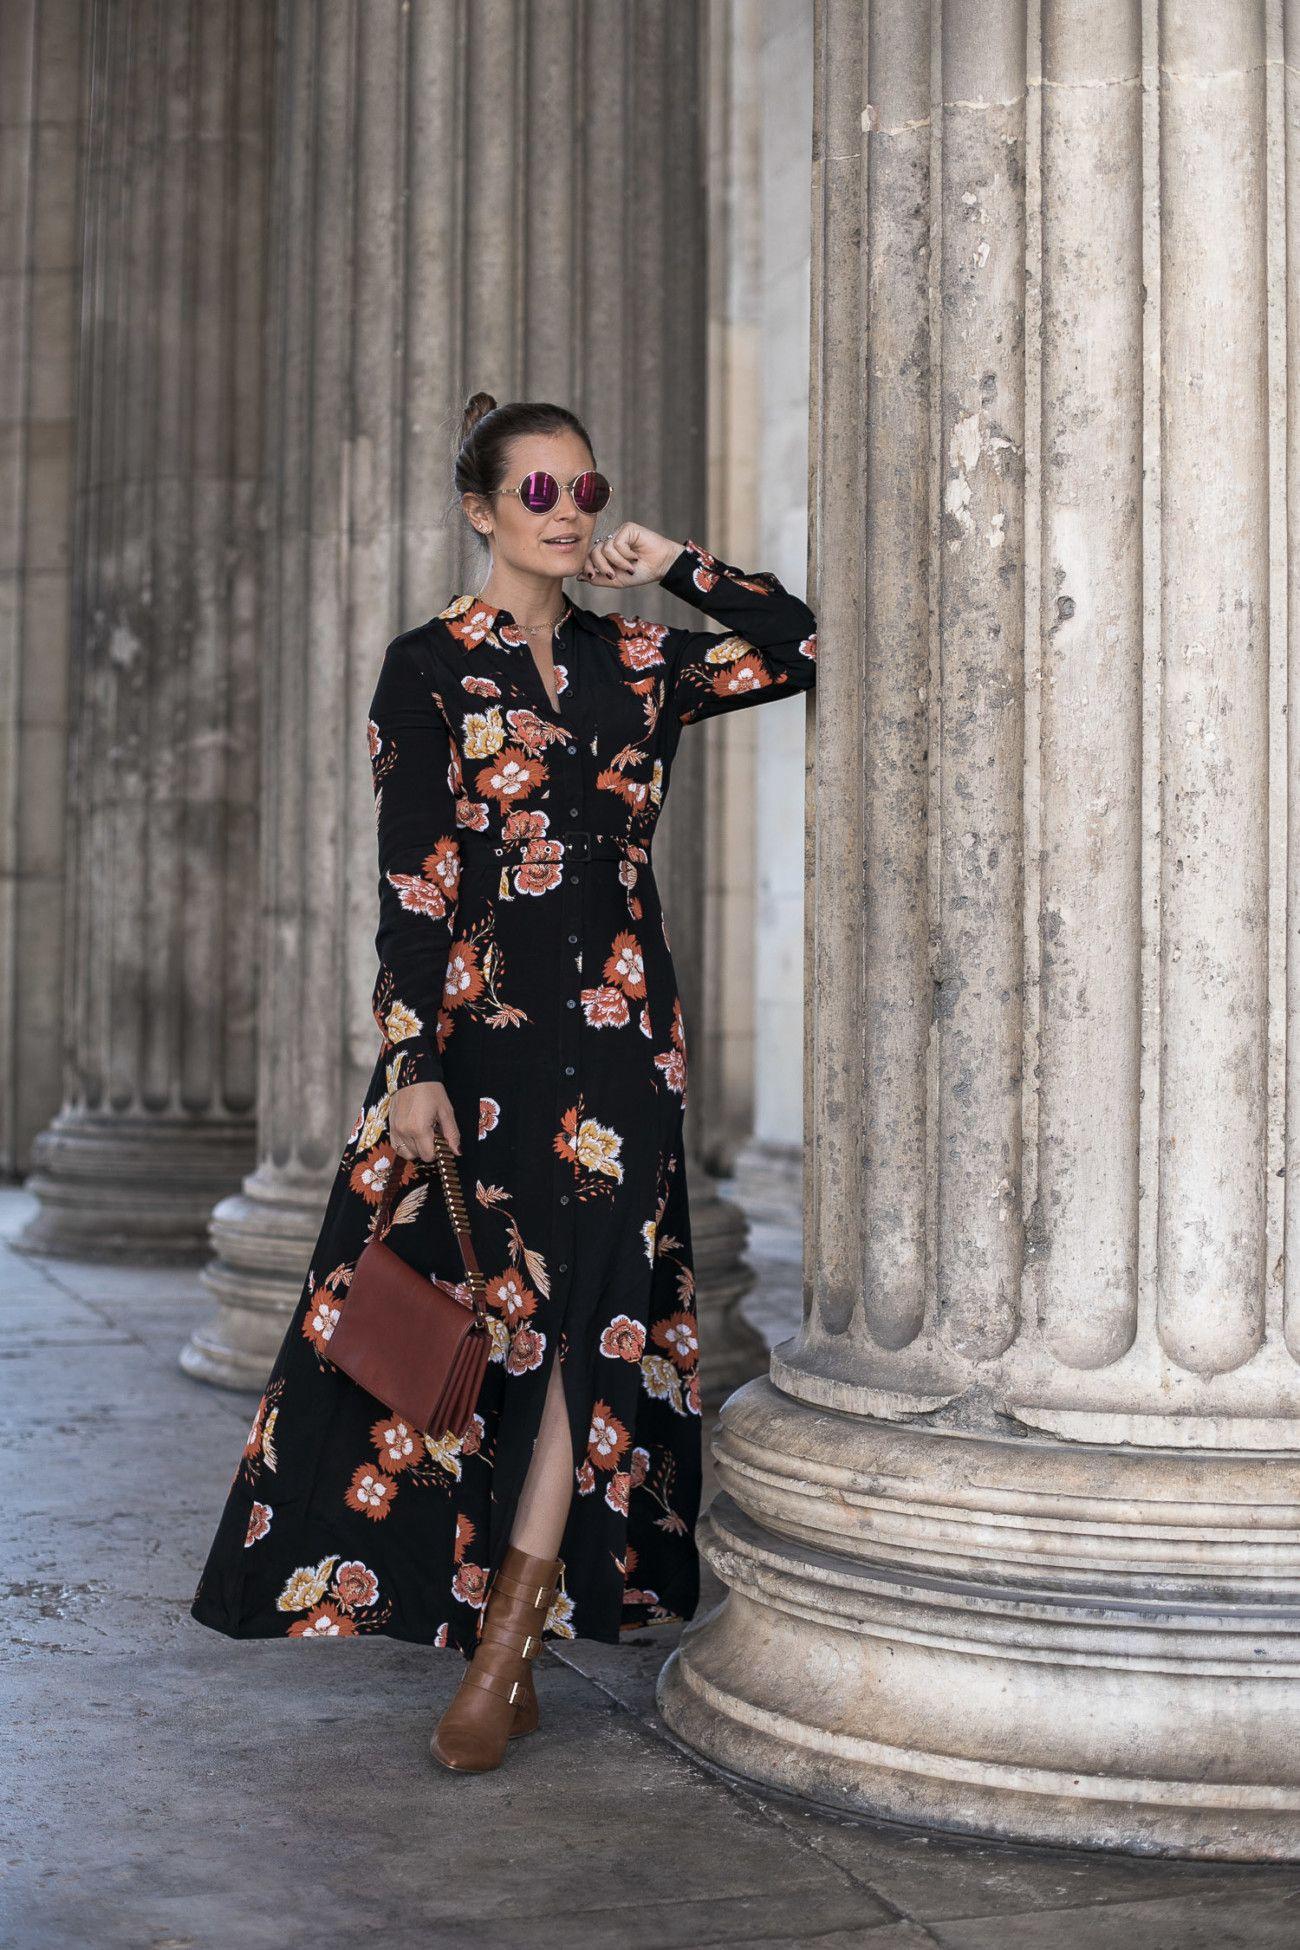 20 Einzigartig Schöne Kleider Für Den Herbst SpezialgebietDesigner Cool Schöne Kleider Für Den Herbst Spezialgebiet